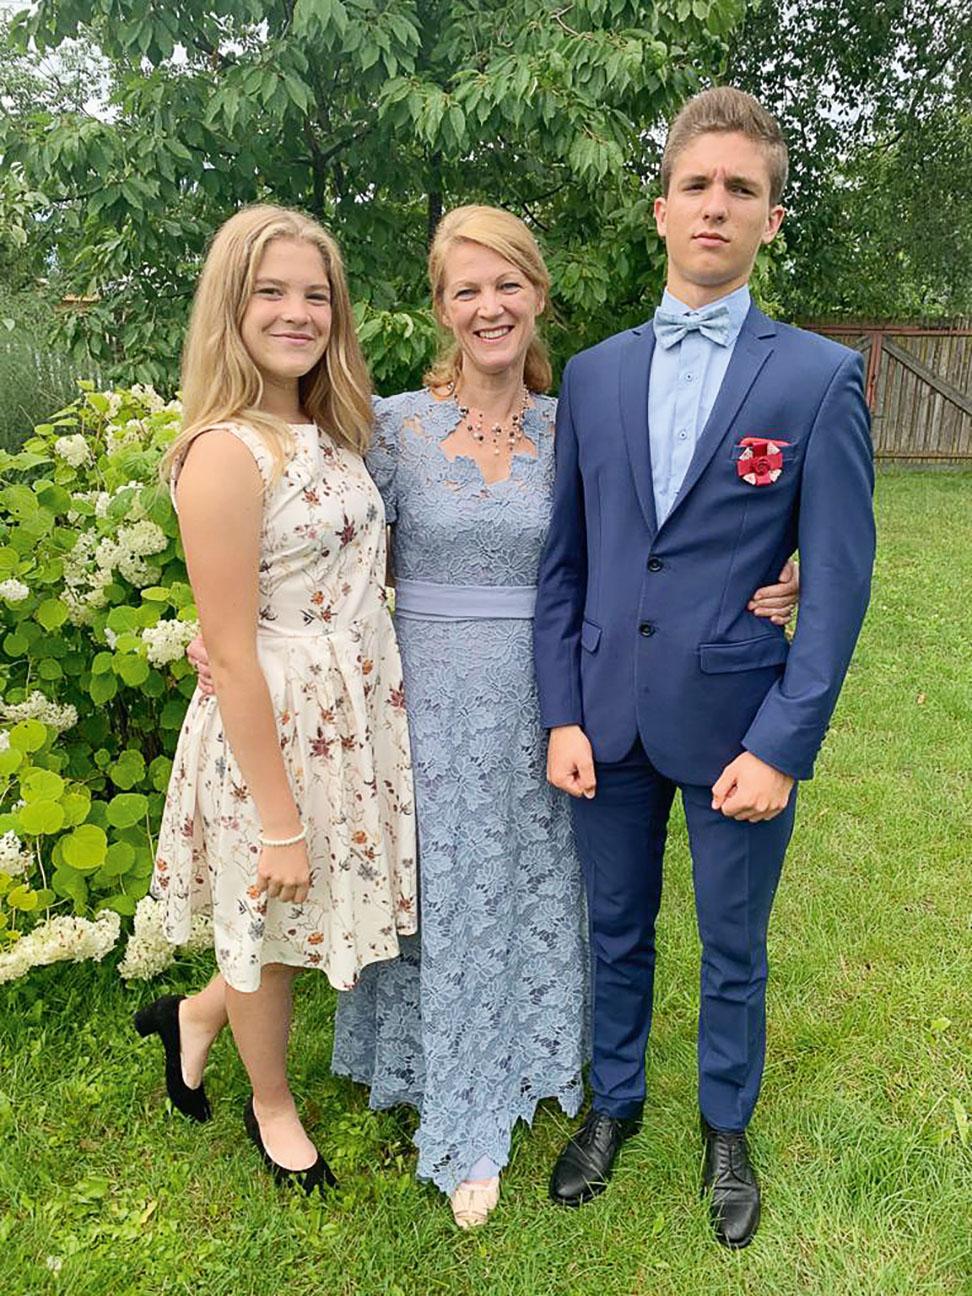 Kopā ar  mīļajiem bērniem  Agnesi un Armandu  2020. gada vasarā